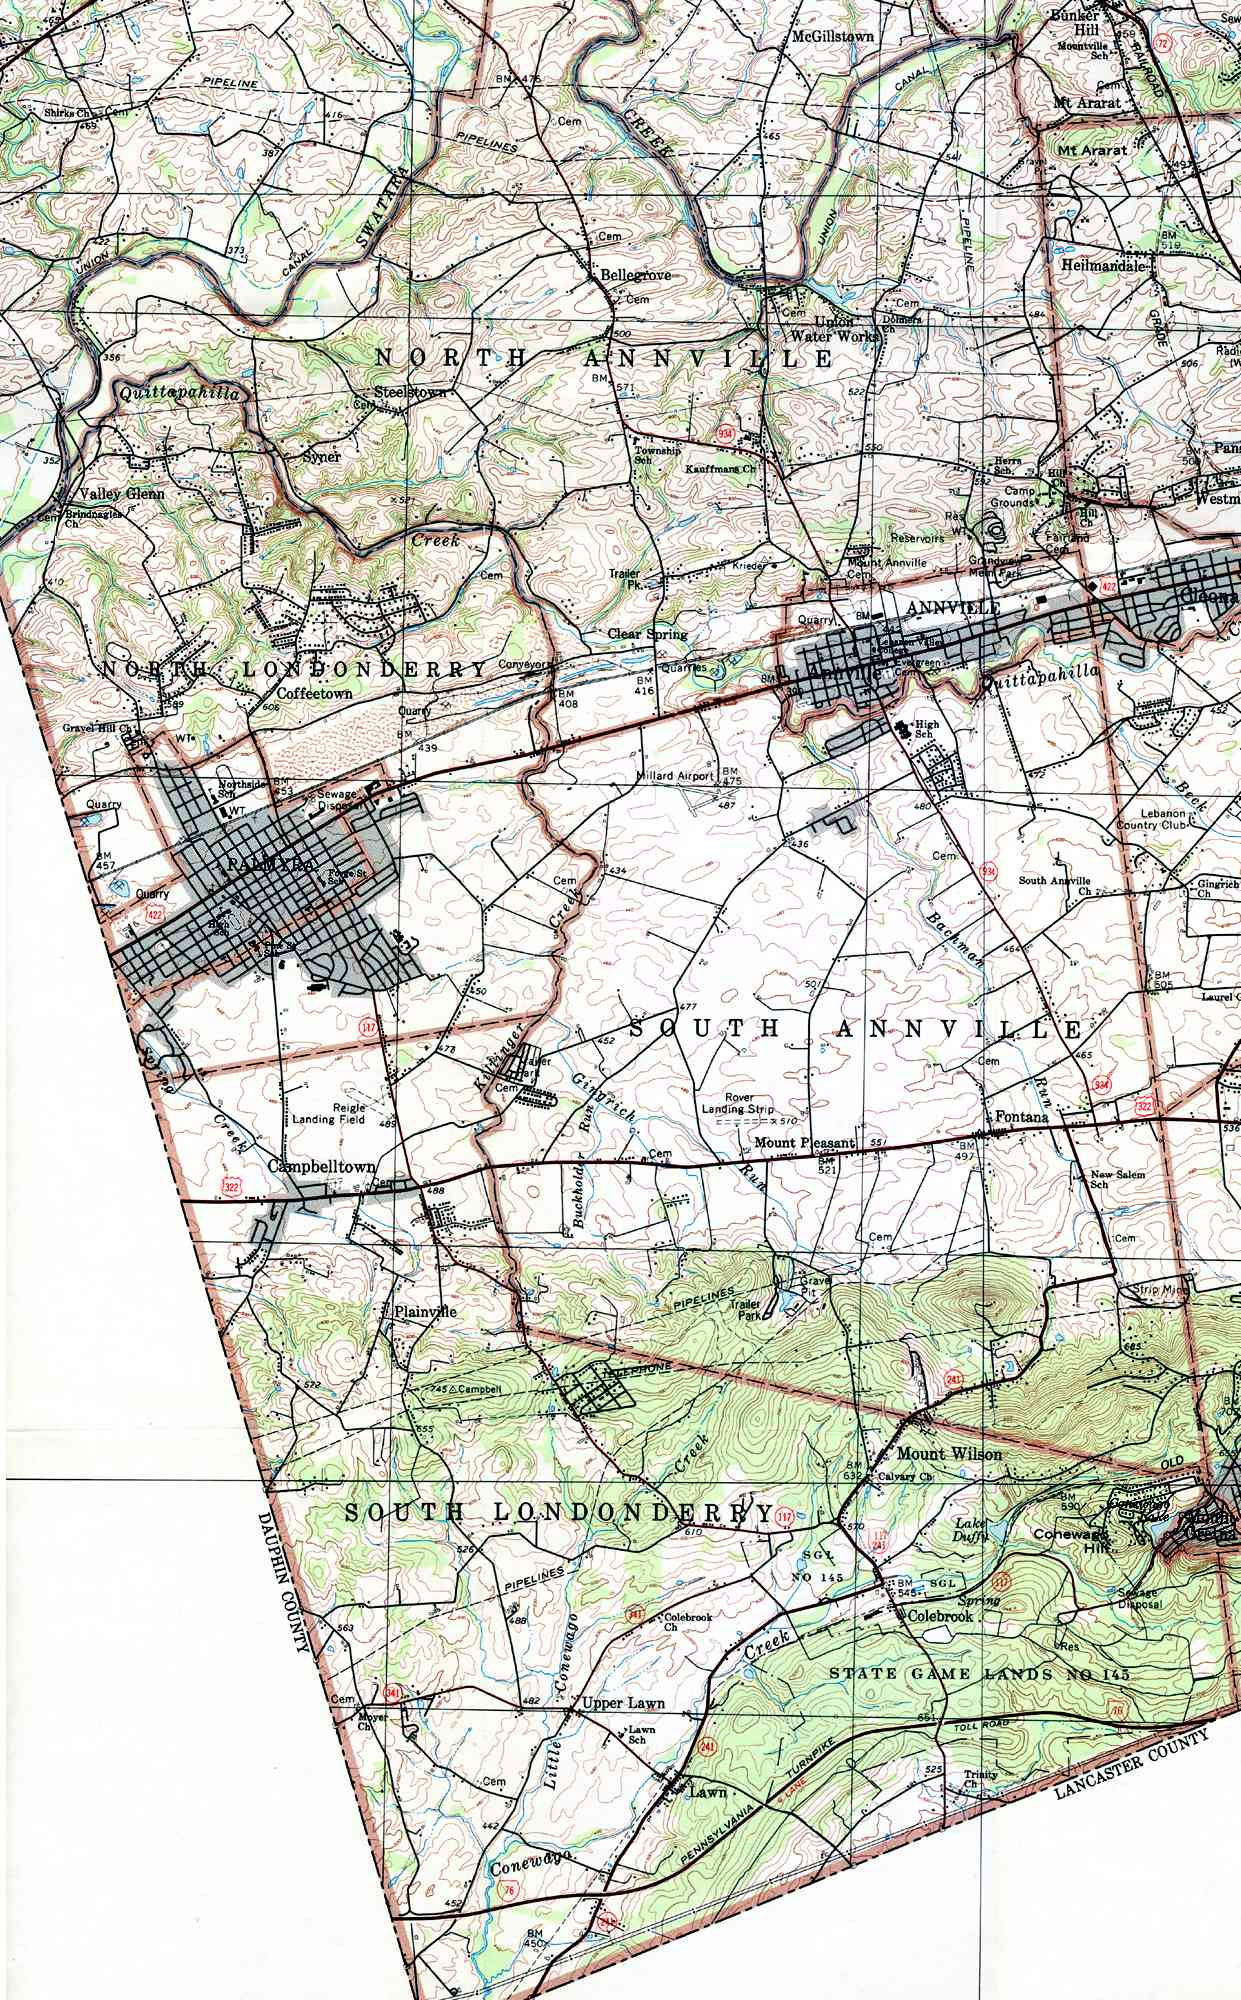 Lebanon County Pennsylvania Township Maps